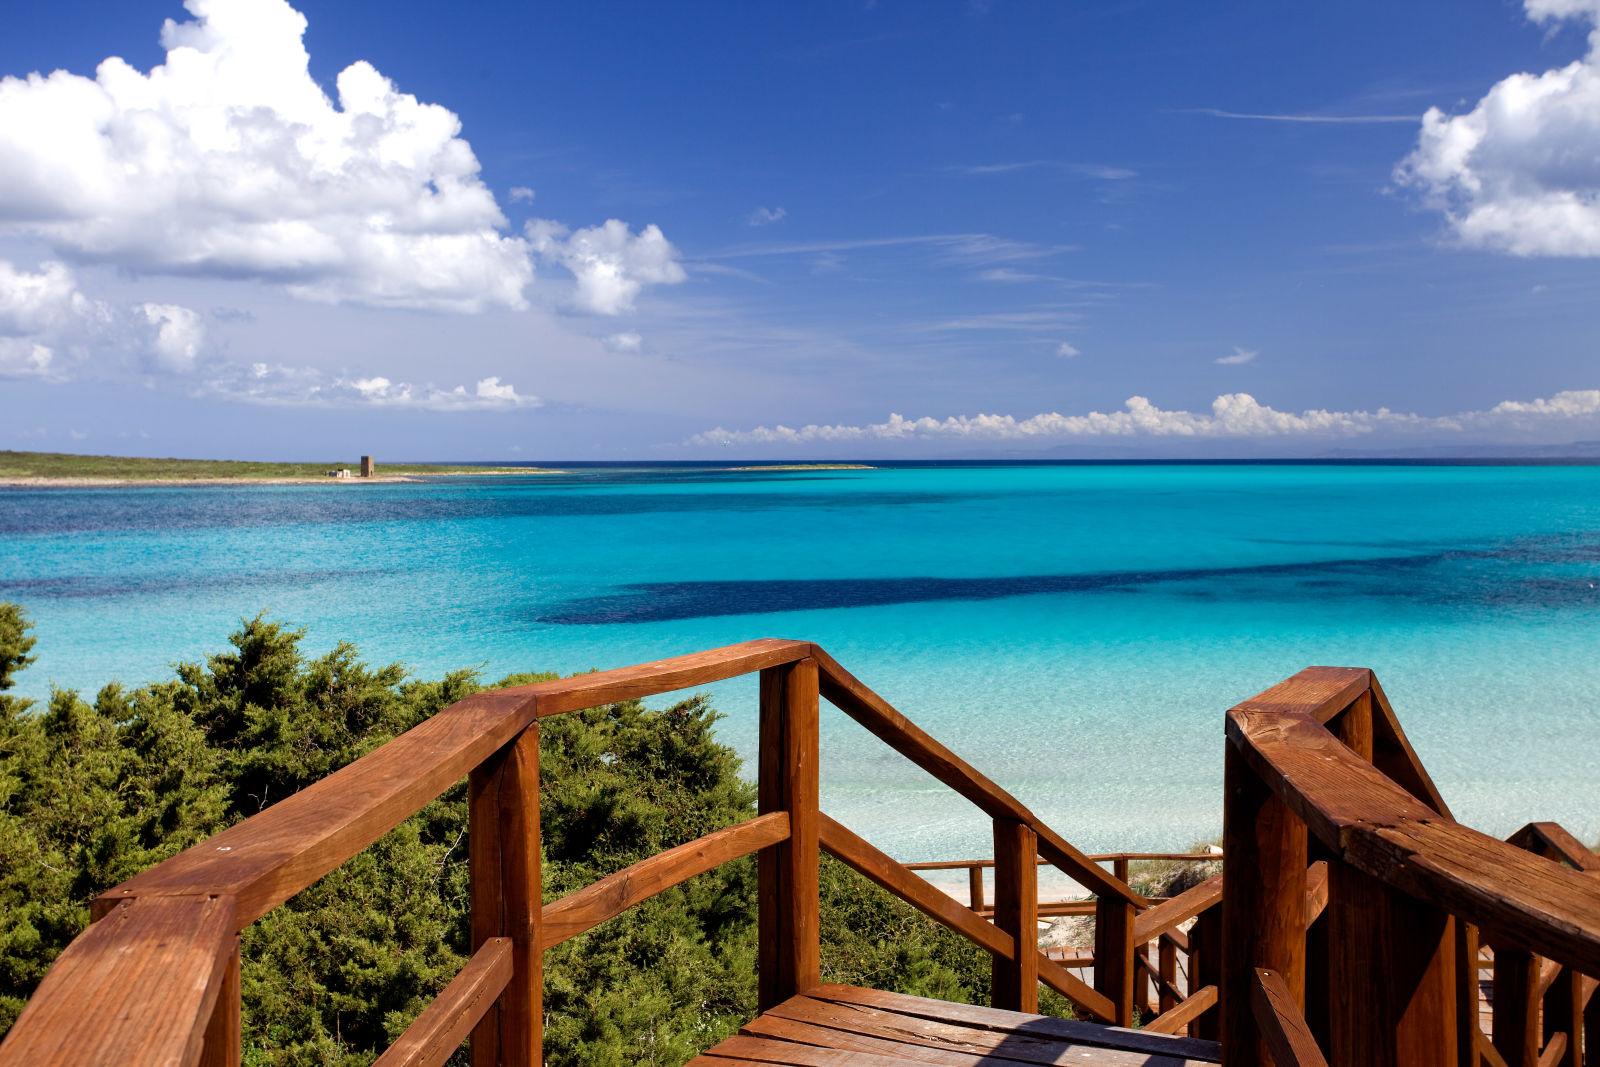 Azure, Beach, Blue